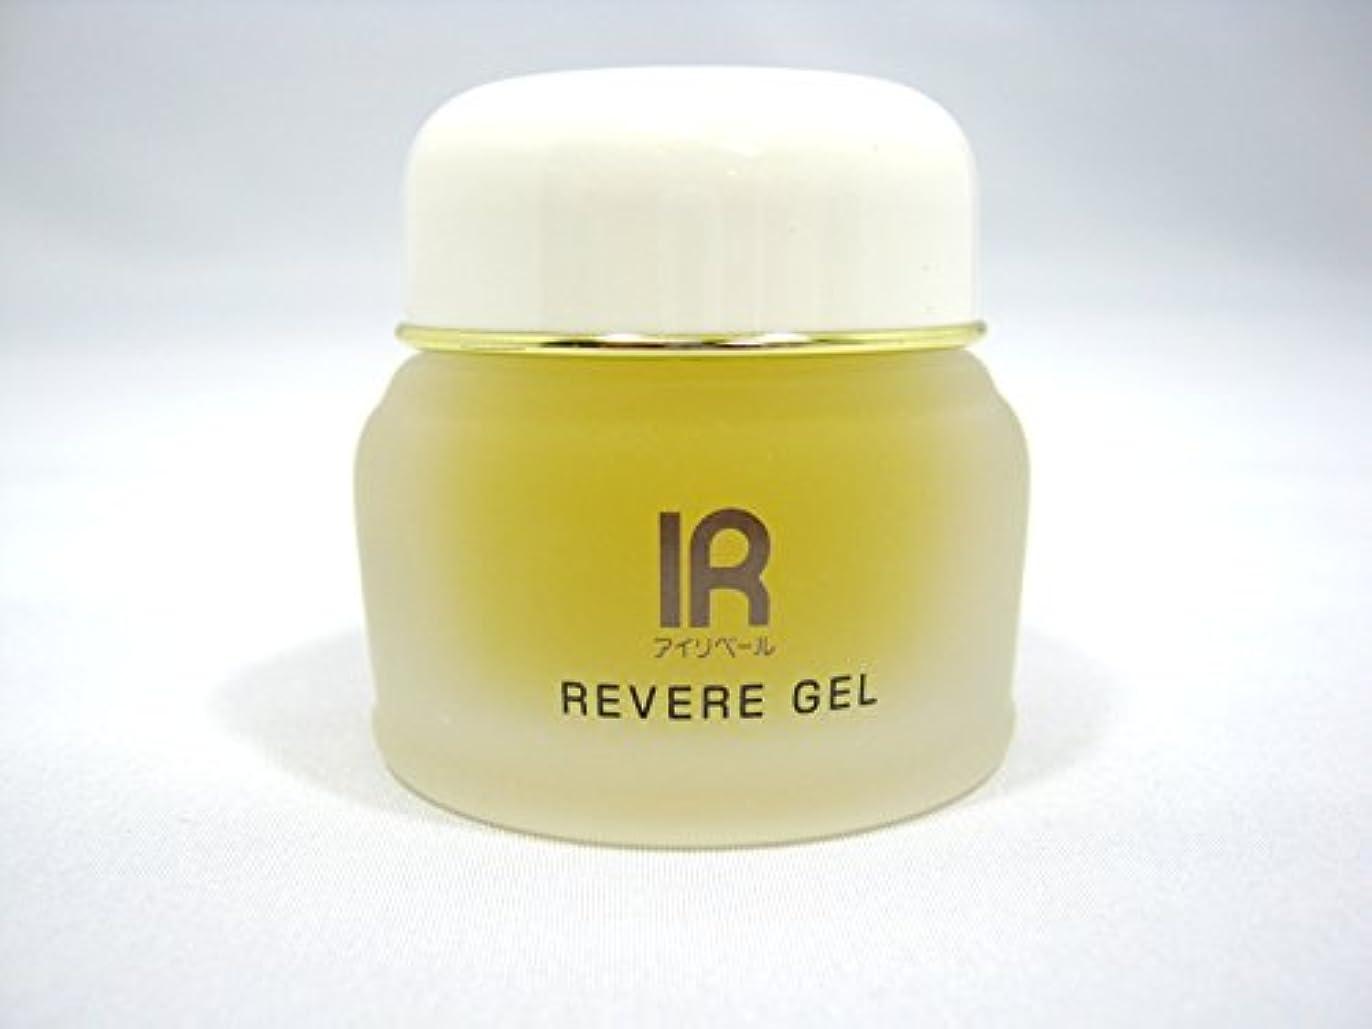 考えた適合する冷酷なIR アイリベール化粧品 リベールジェル (シワ用クリーム) 30g